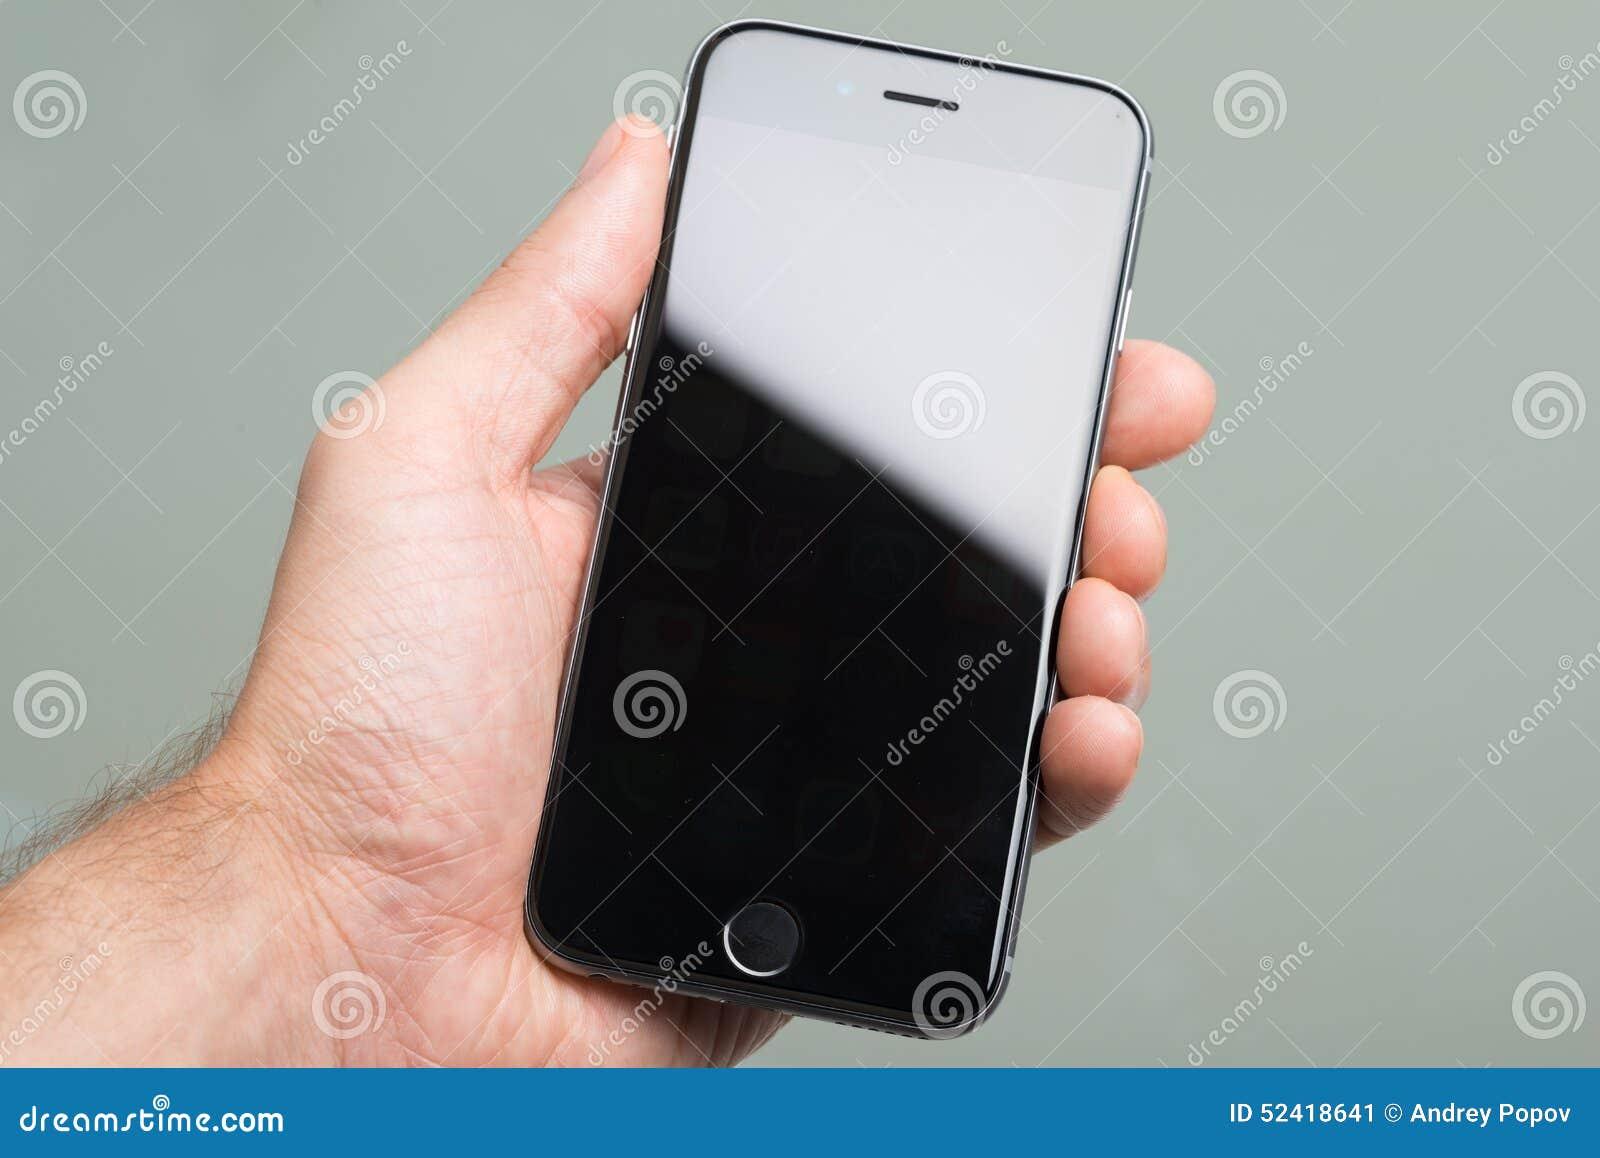 Iphone S Display Berlin